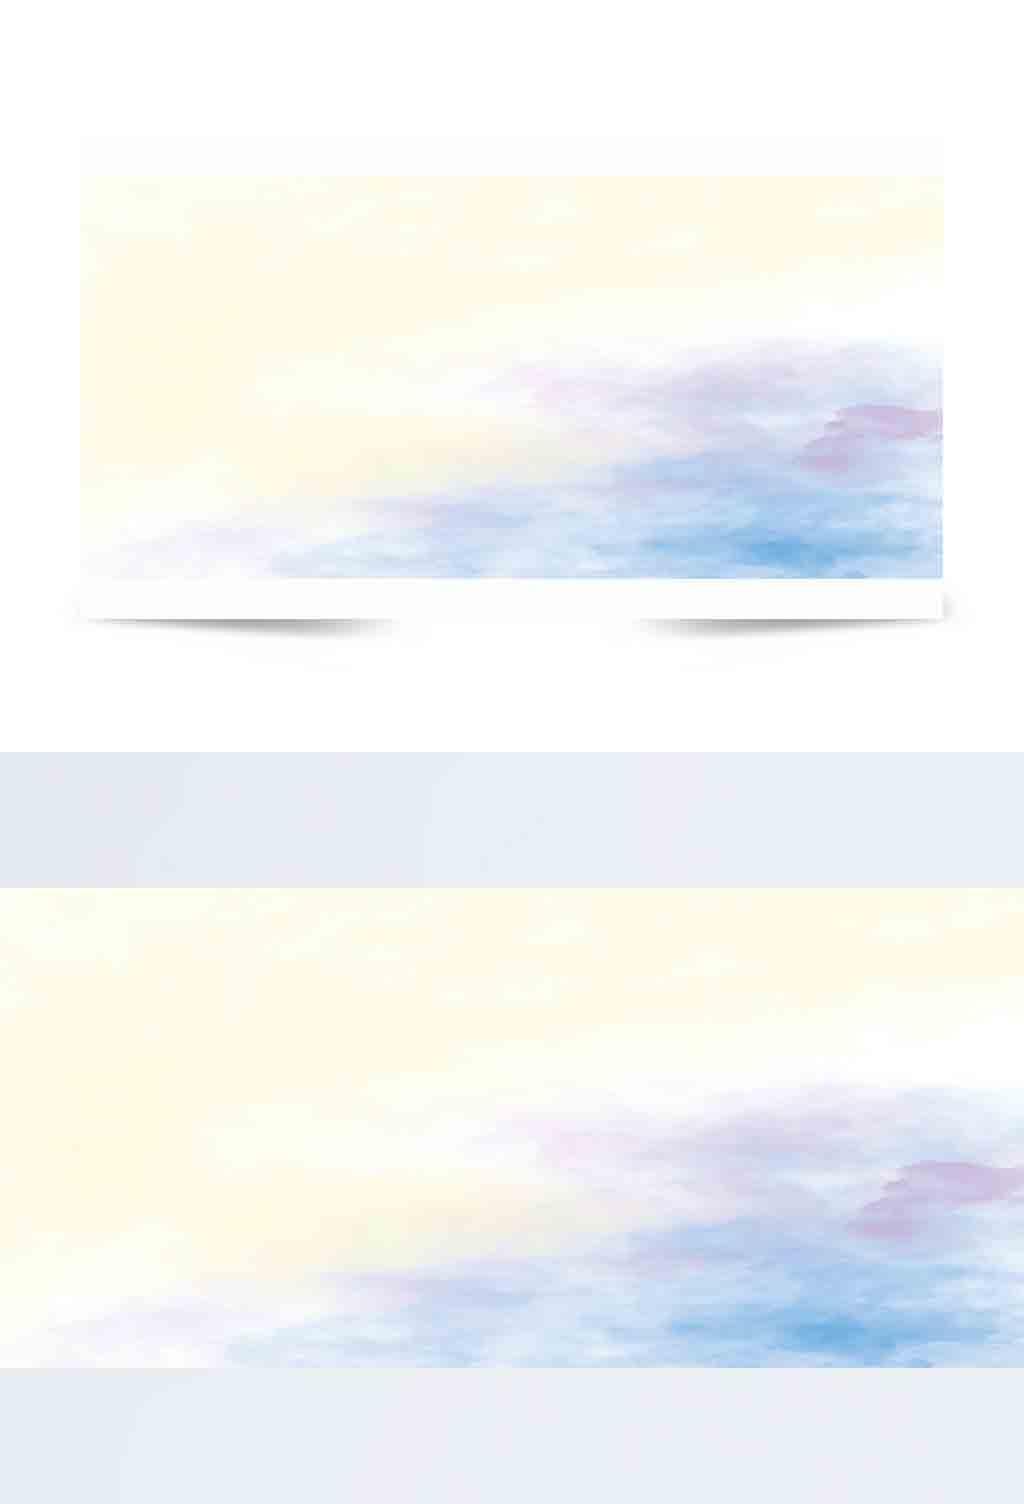 简约水彩渲染纹理背景